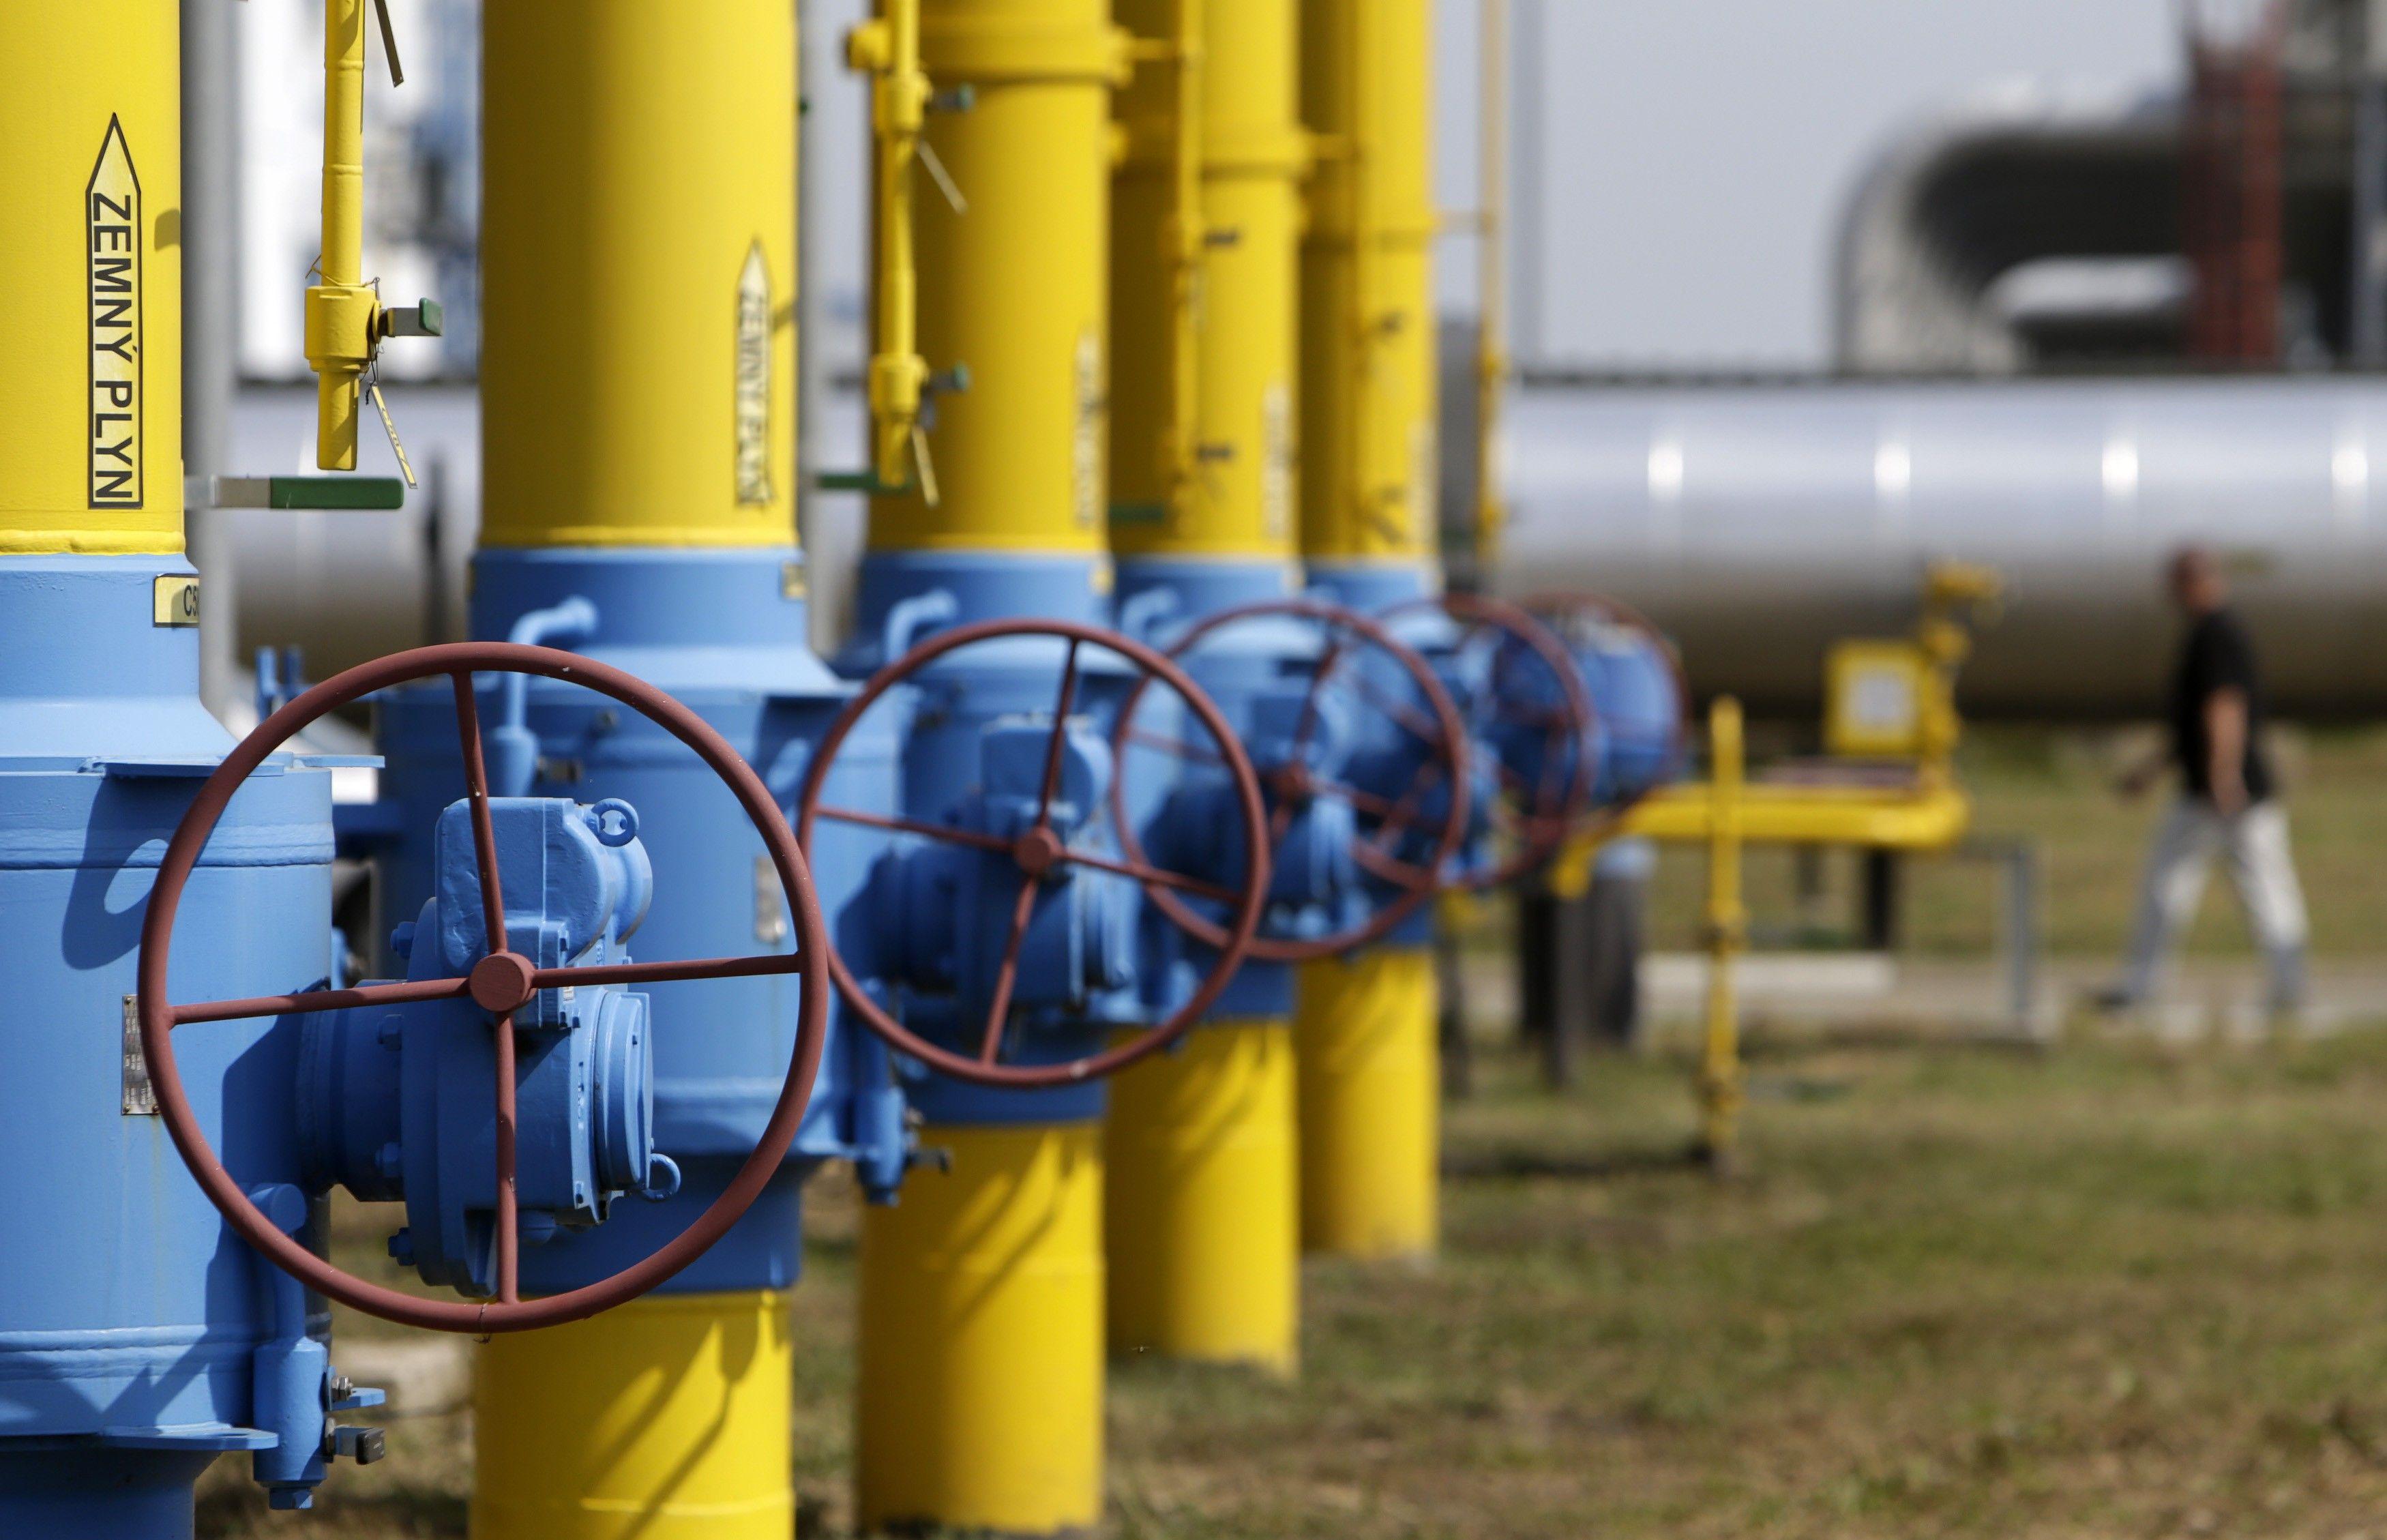 Украина собралась построить газопровод для доставки газа из Польши